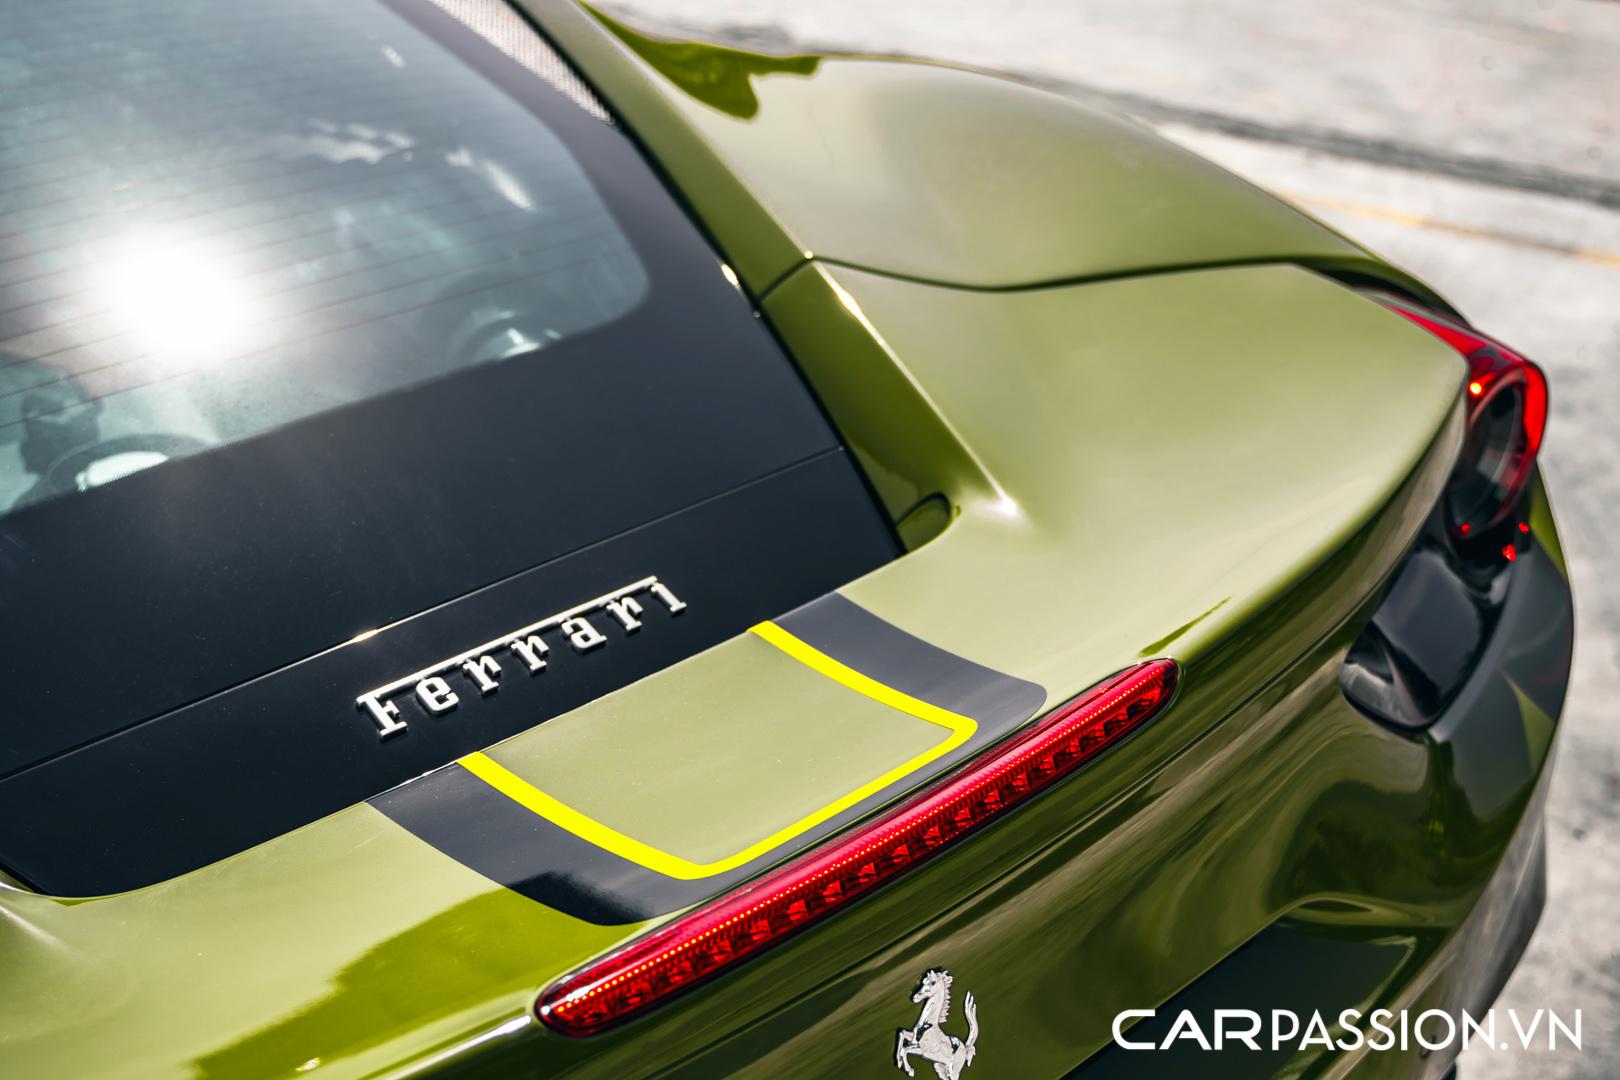 Ferrari 488 GTB màu xanh quân đội10.JPG